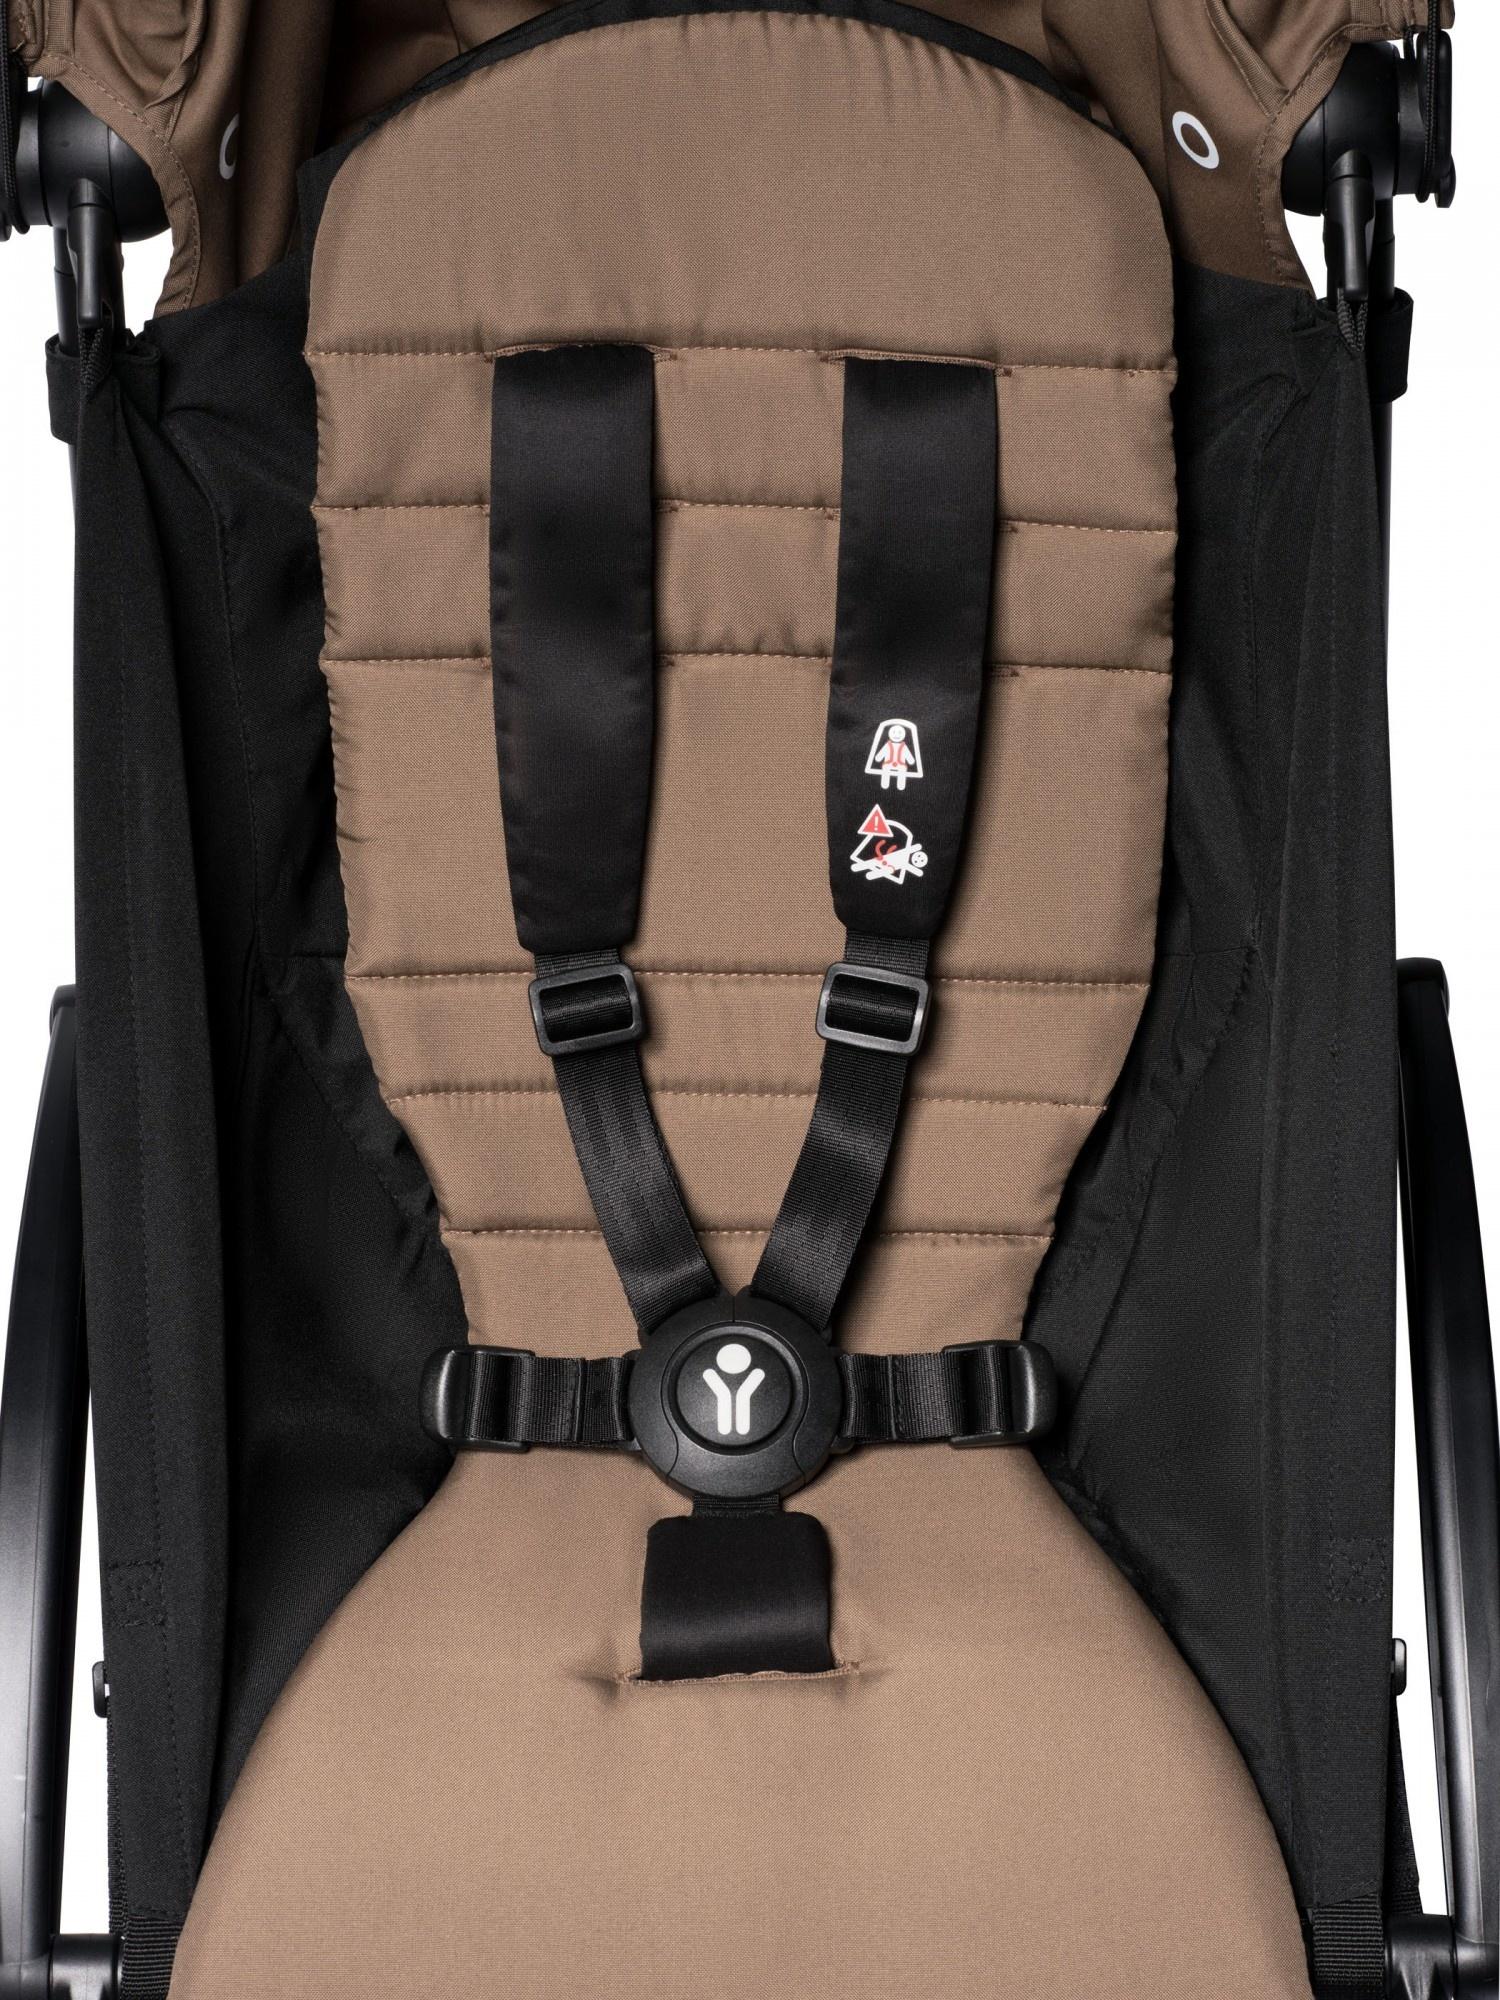 Babyzen Babyzen YOYO² buggy COMPLEET vanaf de geboorte inclusief YOYO² BeSafe autostoel zwart  en YOYO Bag -  toffee met frame zwart